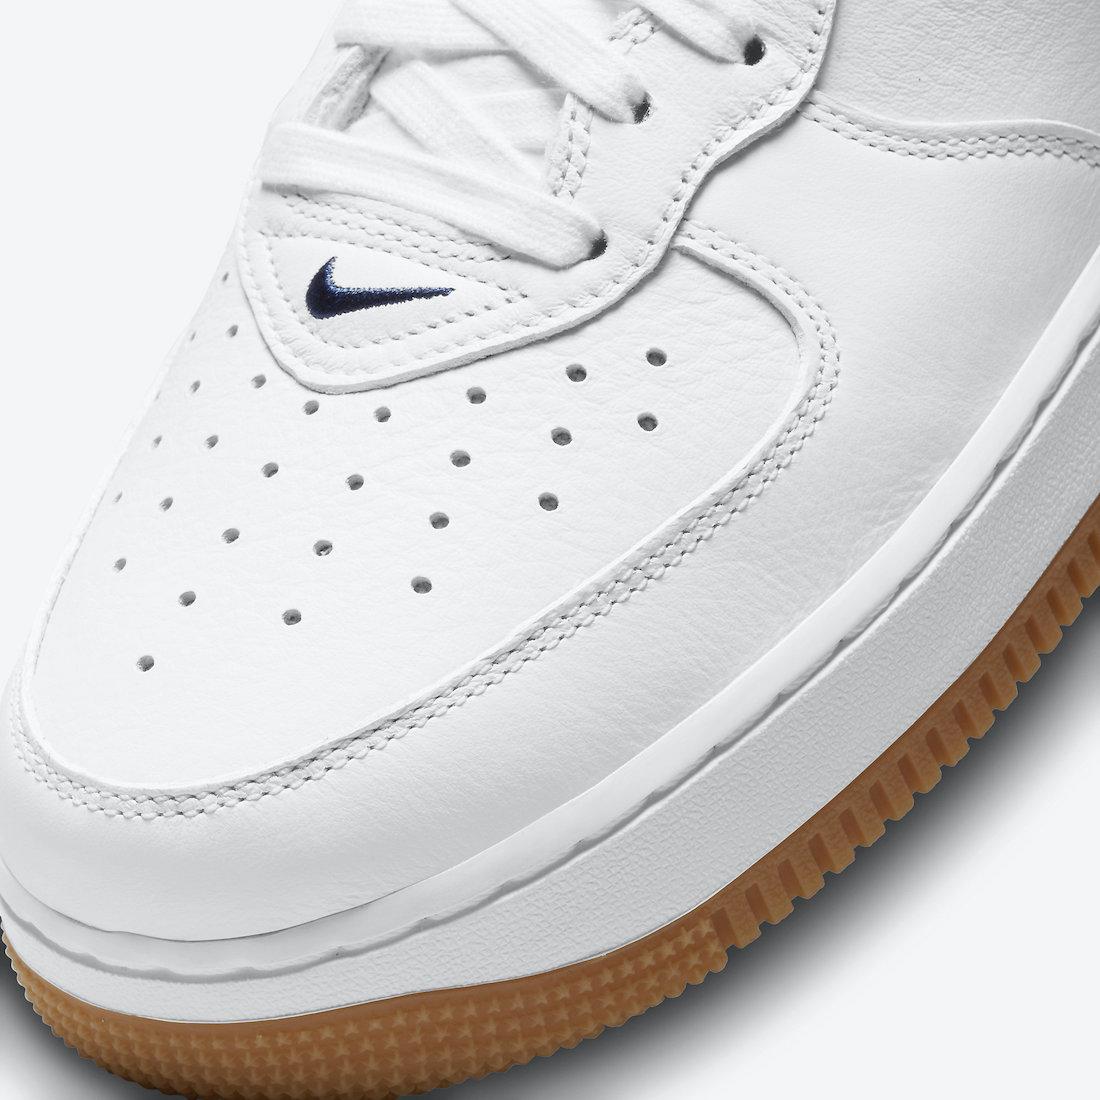 Nike,Air Force 1 Mid,NYC,DH562  致敬纽约洋基队!全新配色 Air Force 1 Mid 官图曝光!